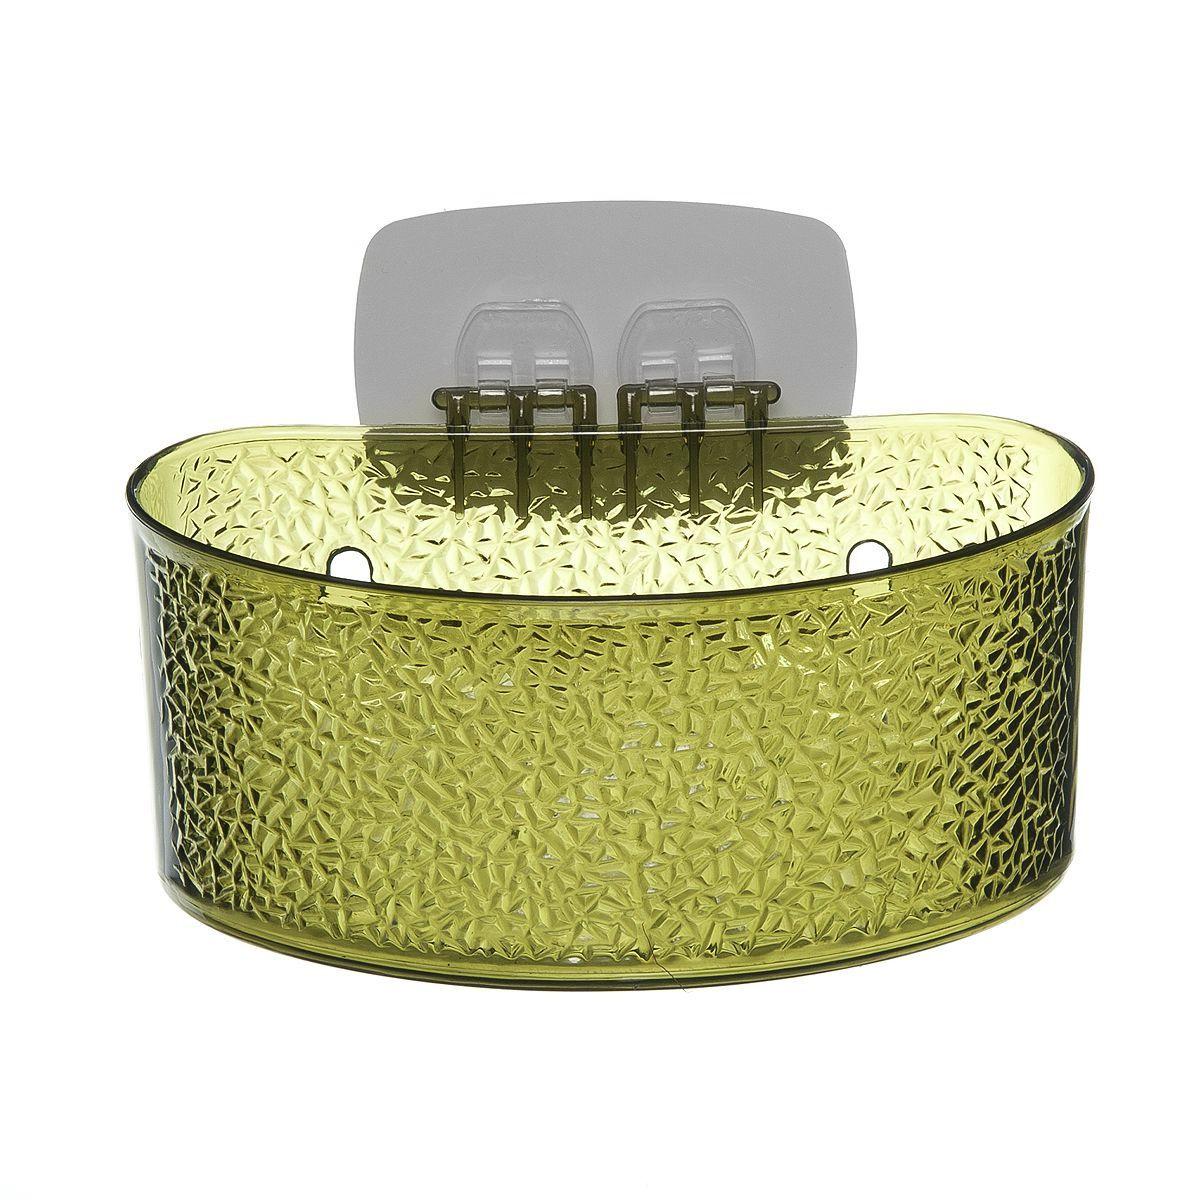 Полка для ванной комнаты Fresh Code, на липкой основе, цвет: зеленый, 19 х 10 х 10 см64943_ зеленыйПолка для ванной комнаты Fresh Code выполнена из ABS пластика. Крепление на липкой основе многократного использования идеально подходит для гладкой поверхности. Полка поможет создать настроение вашей ванной комнаты. Подходит для всех типов гладких поверхностей. Максимальная нагрузка 3 кг.